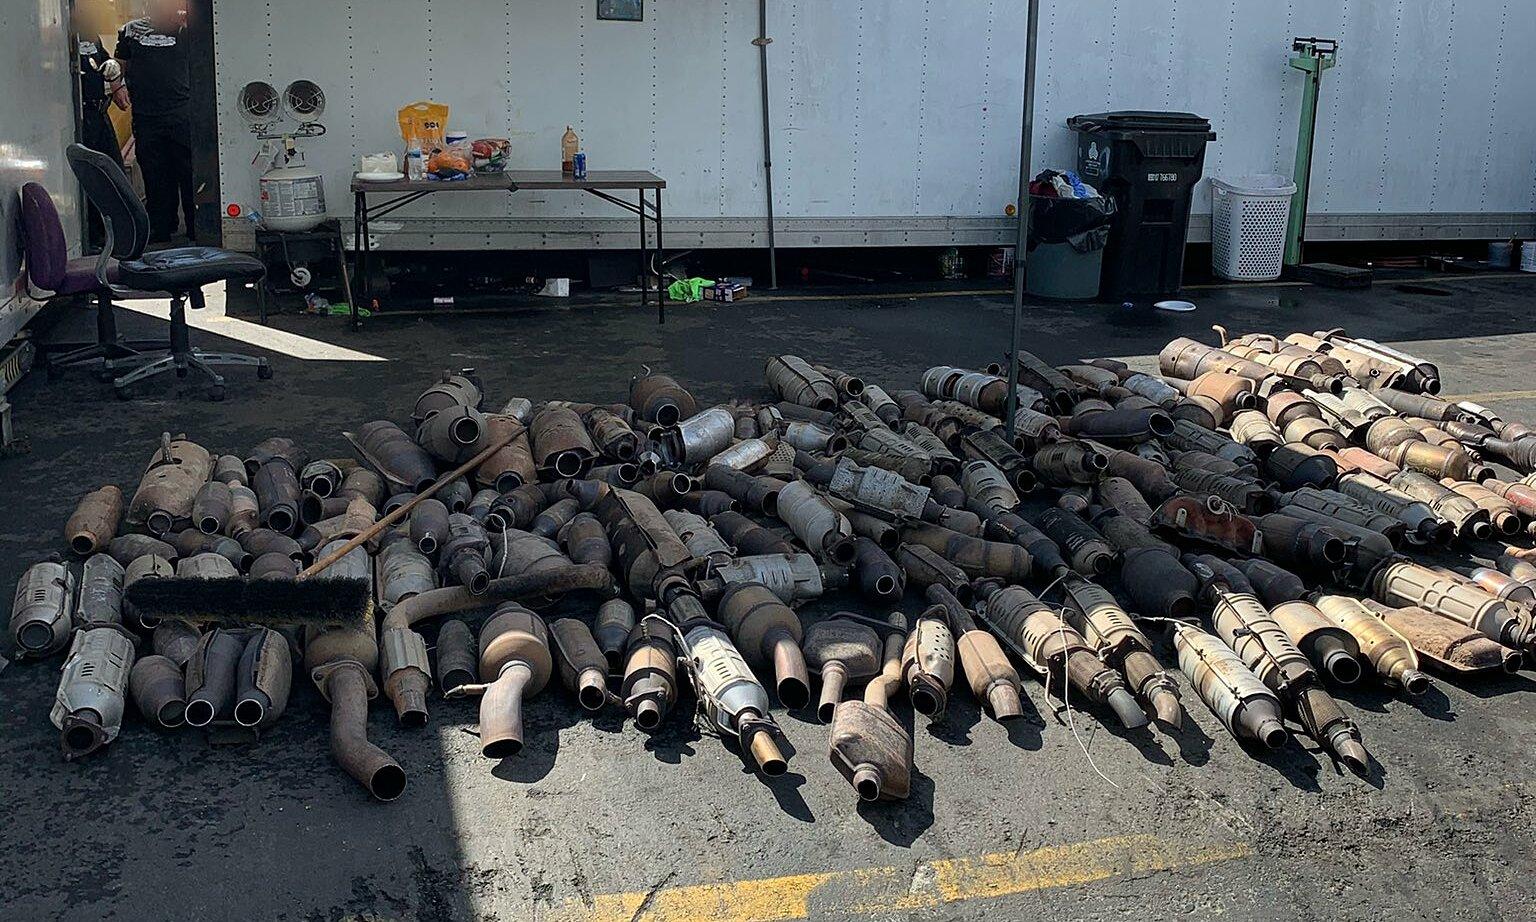 Số tang vật bị thu giữ trong vụ án. Ảnh: Carscoops